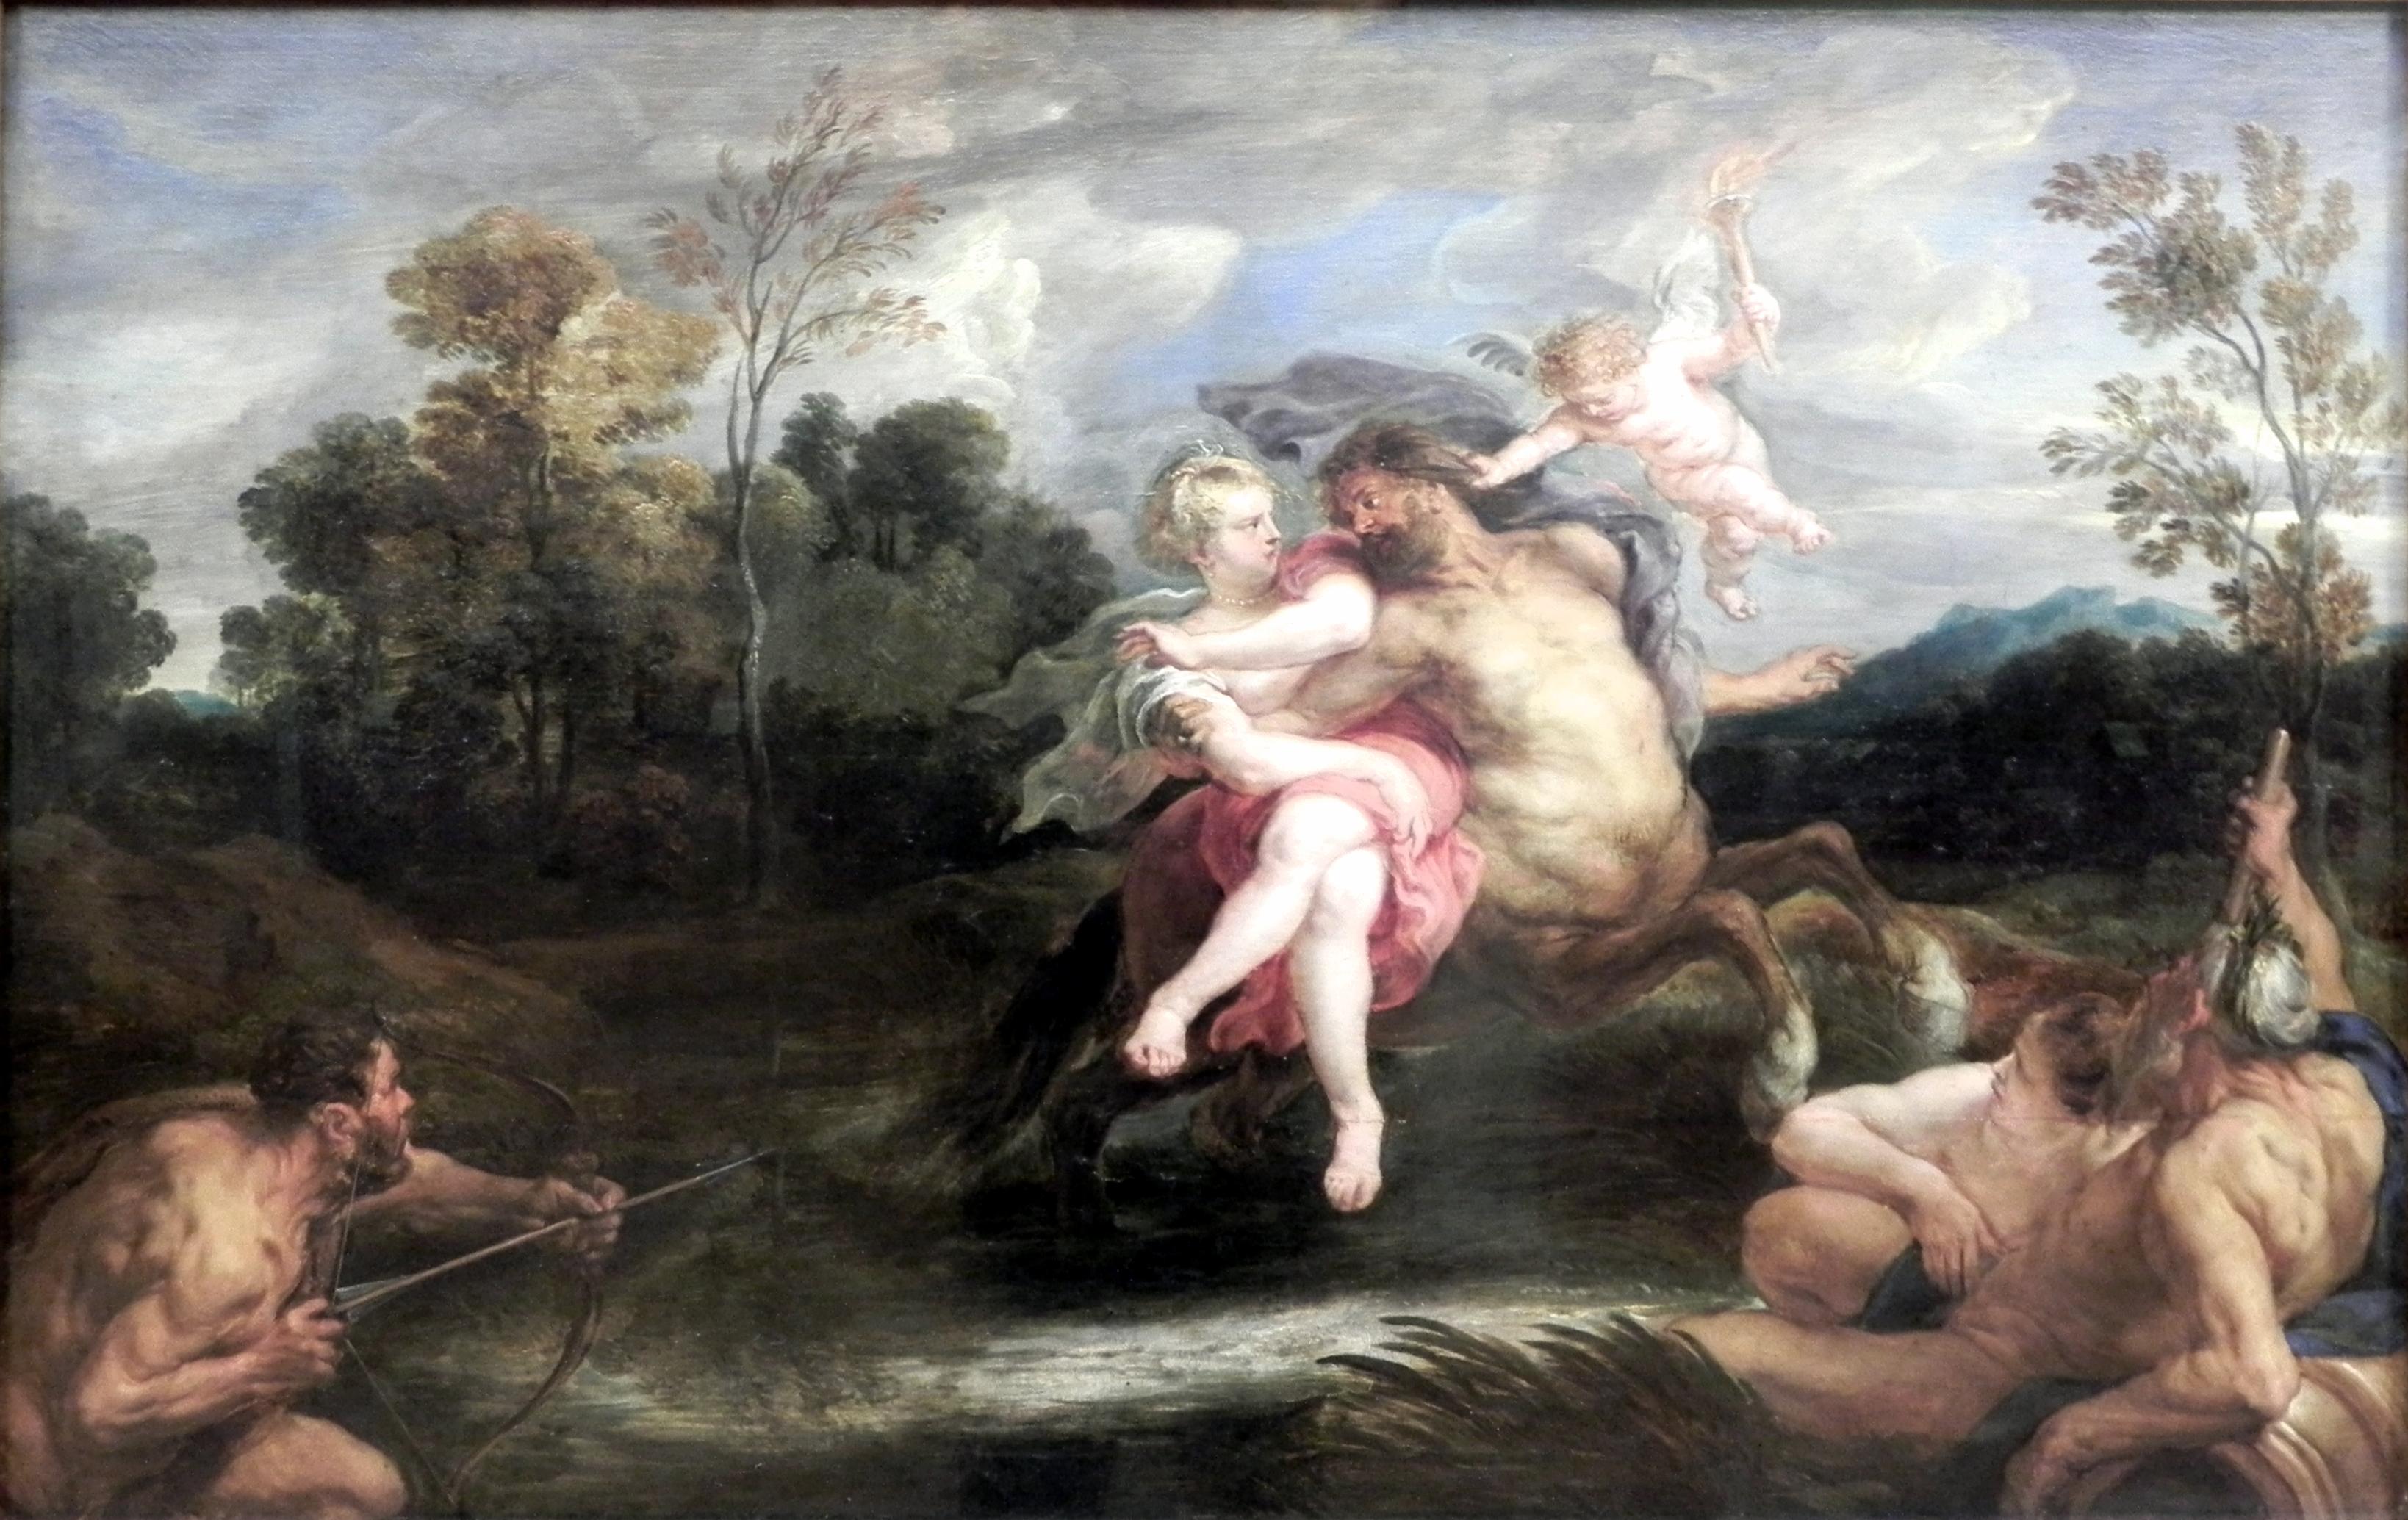 Erotic winged centaur pic 862